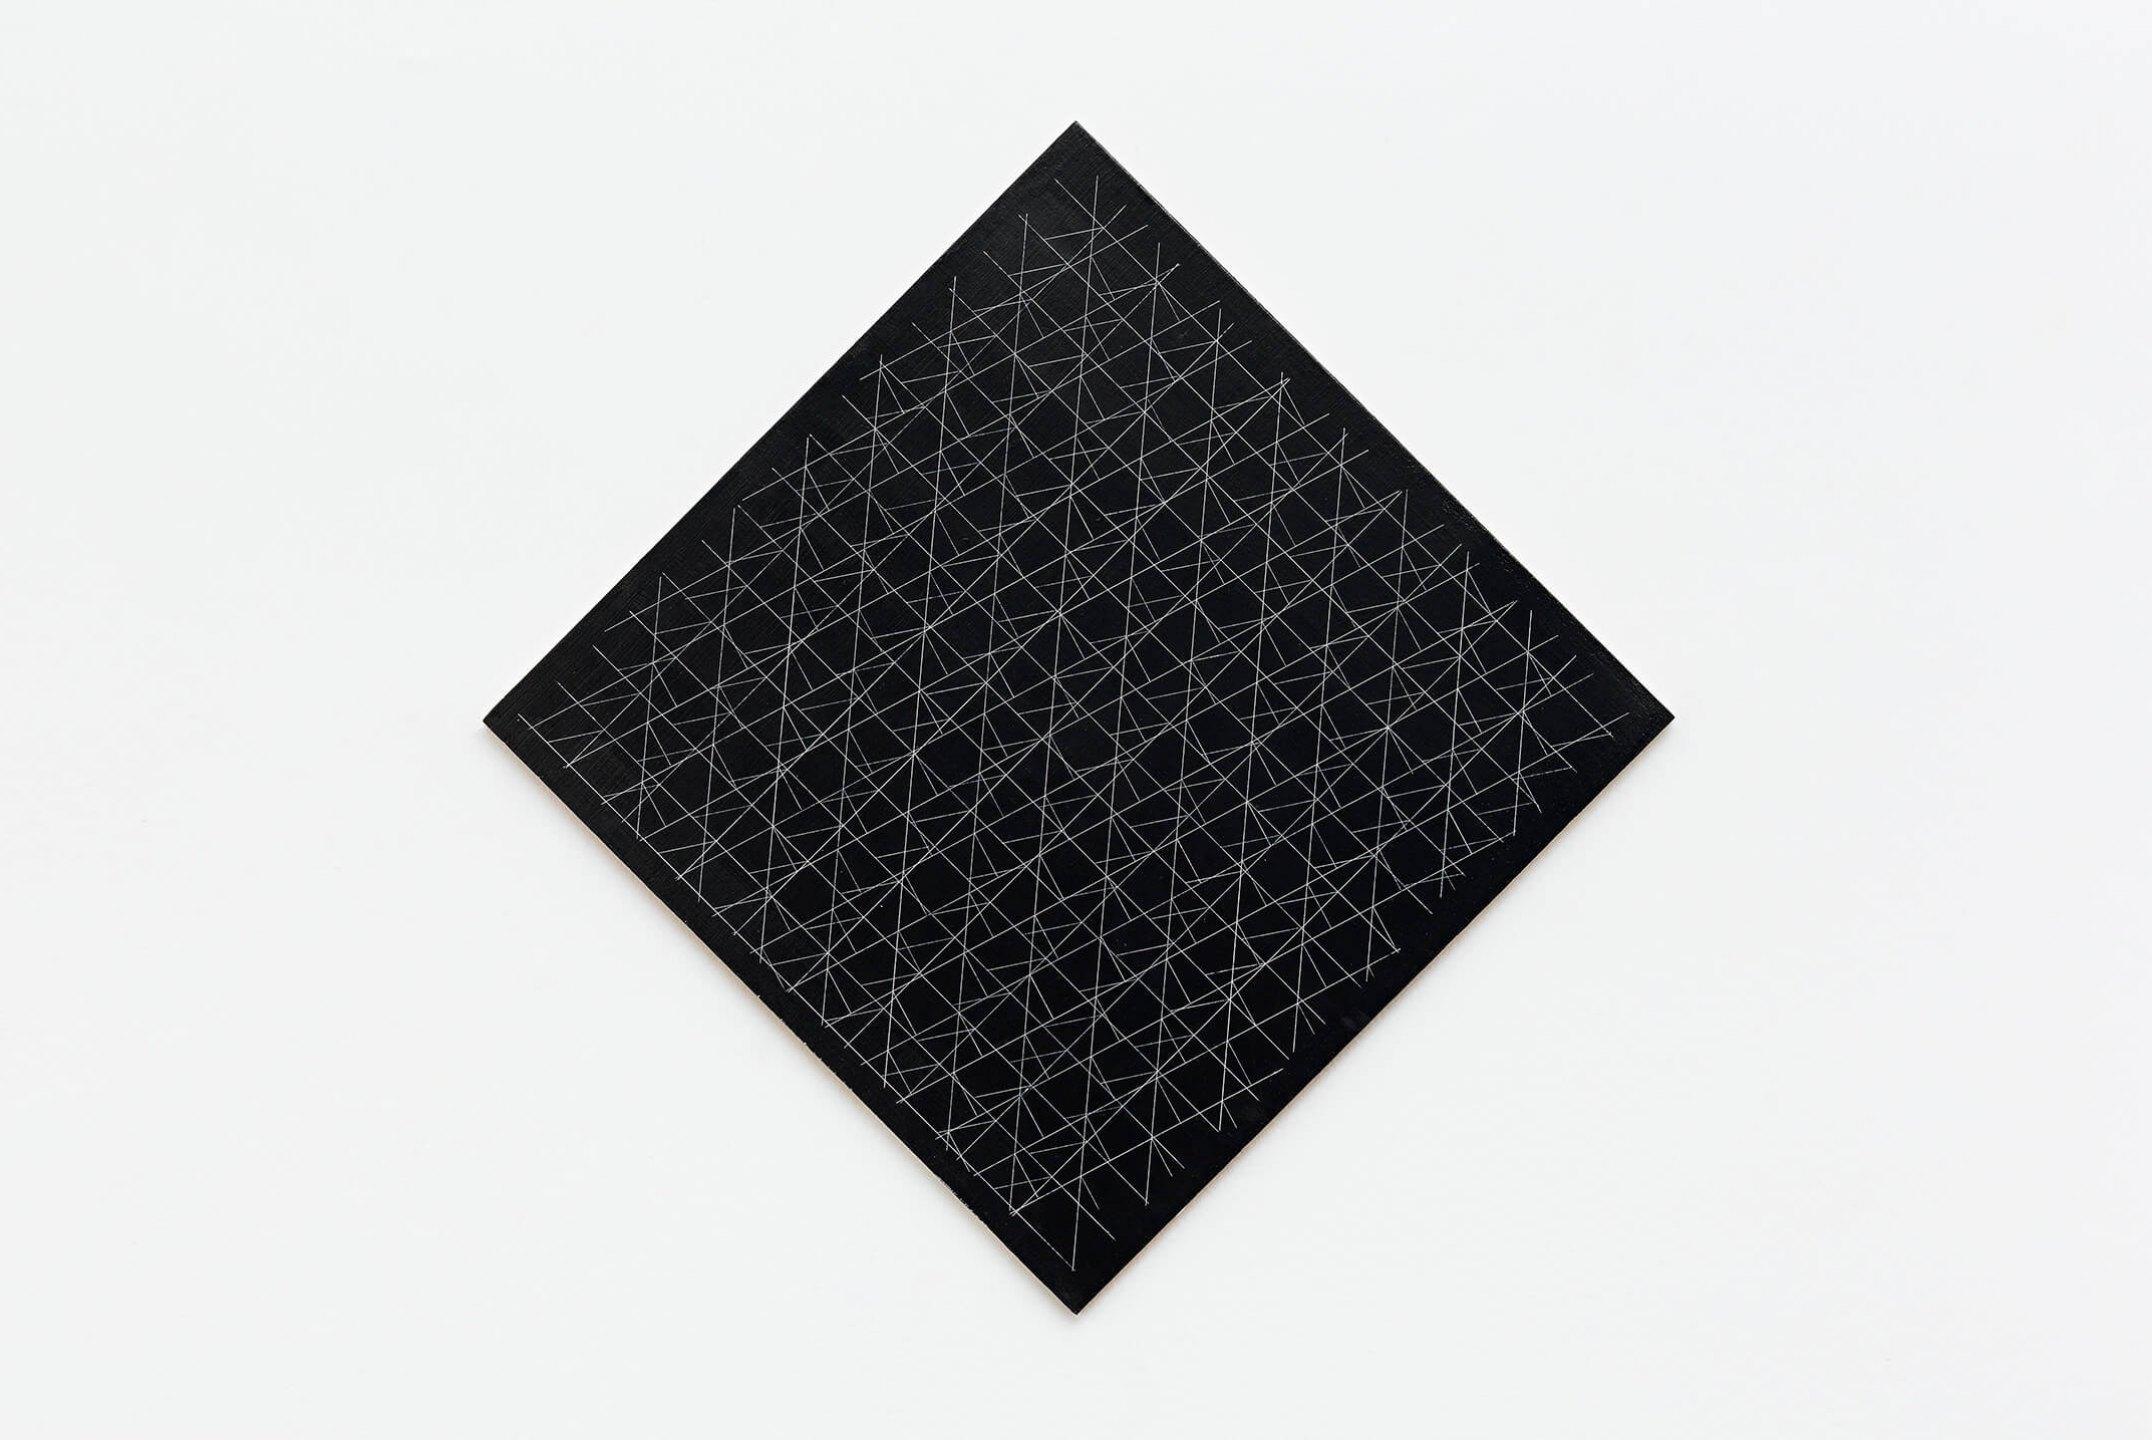 Daniel Steegmann Mangrané, <em>Grade Sistêmica V,</em> 2014,plaster and problack on board,56×56 cm - Mendes Wood DM